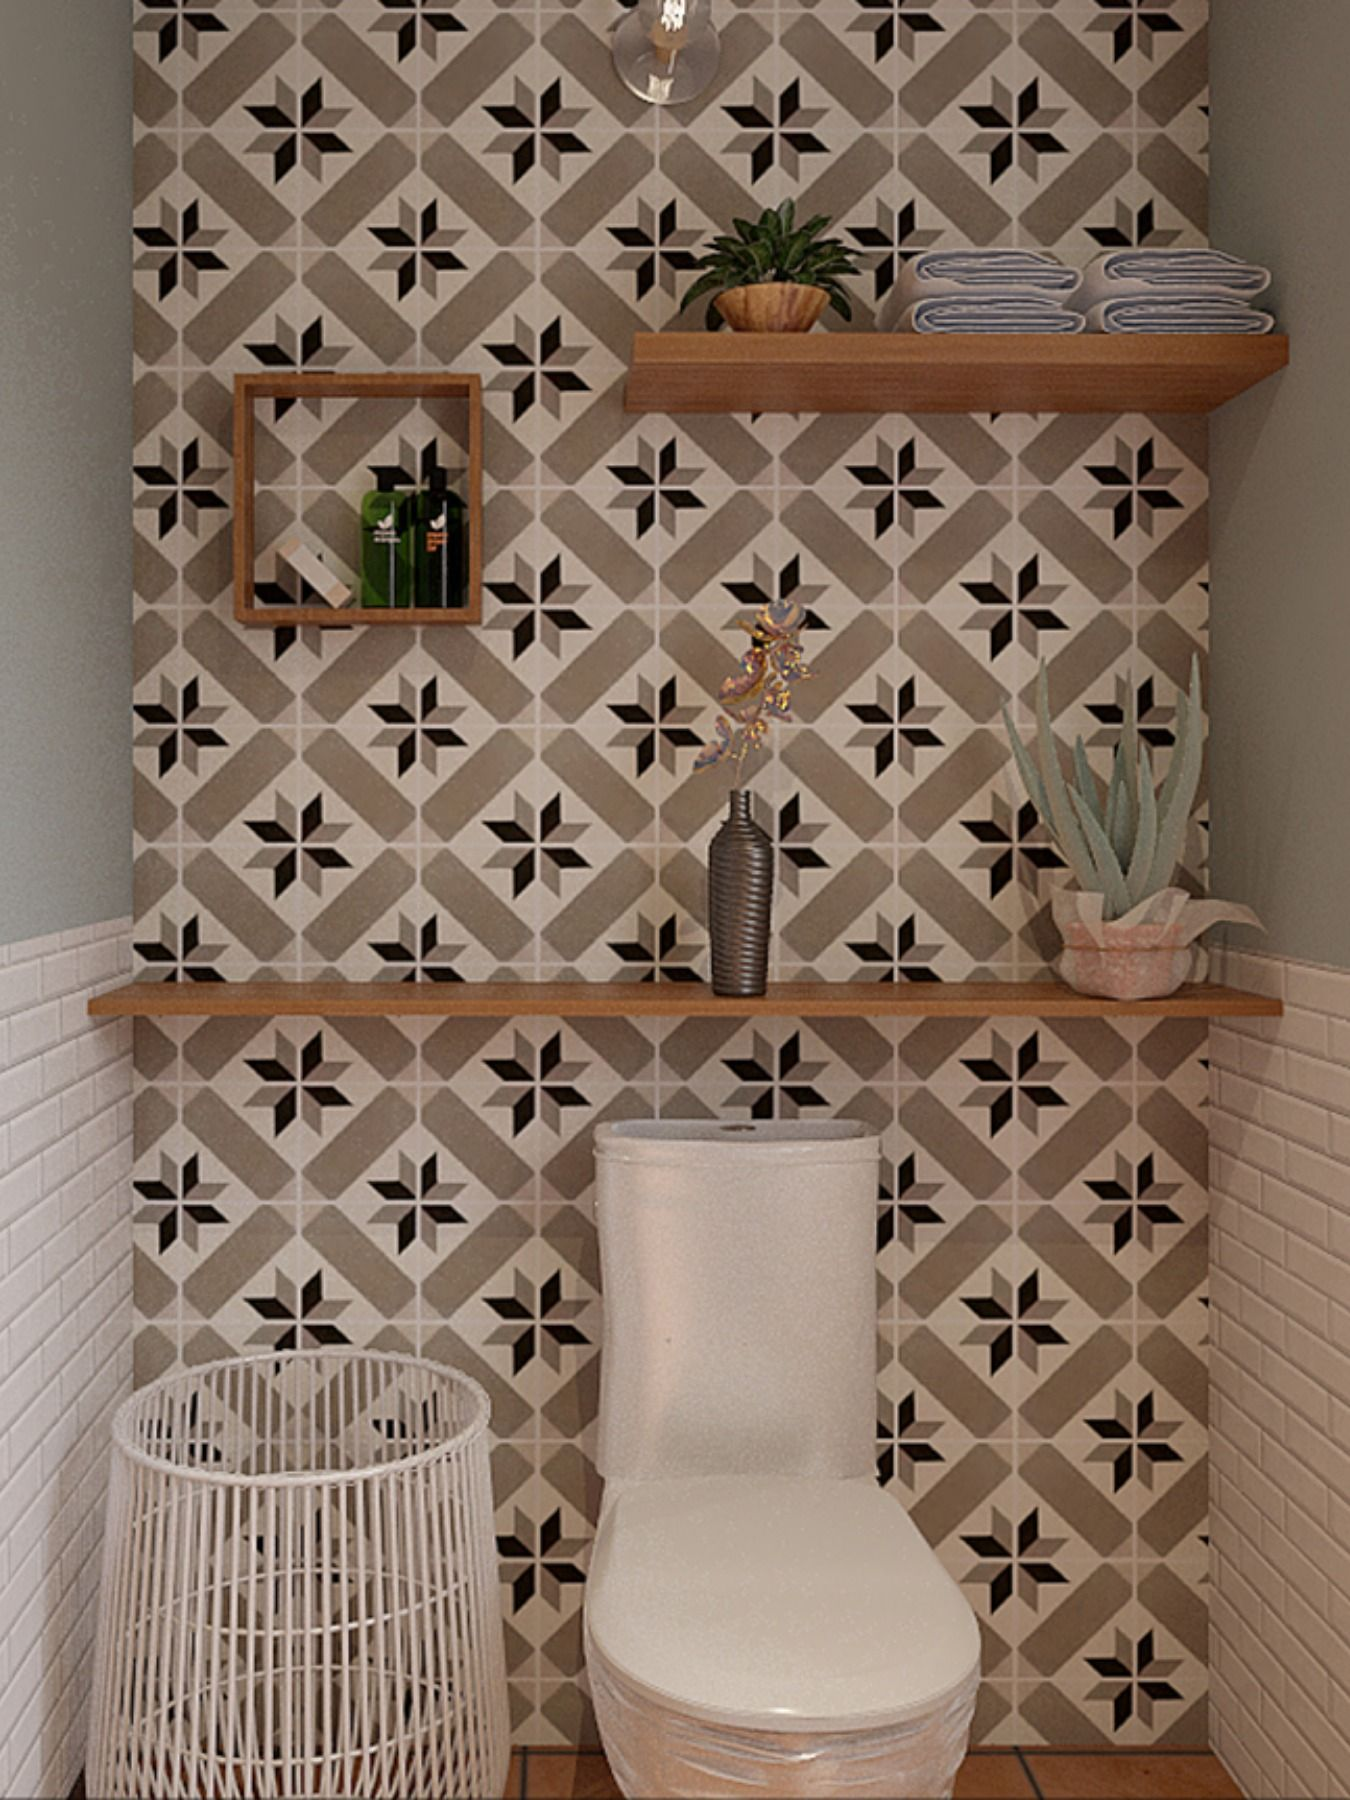 Des Carreaux De Ciment Pour La Deco De Vos Wc Idee Deco Toilettes Decoration Toilettes Idee Deco Wc